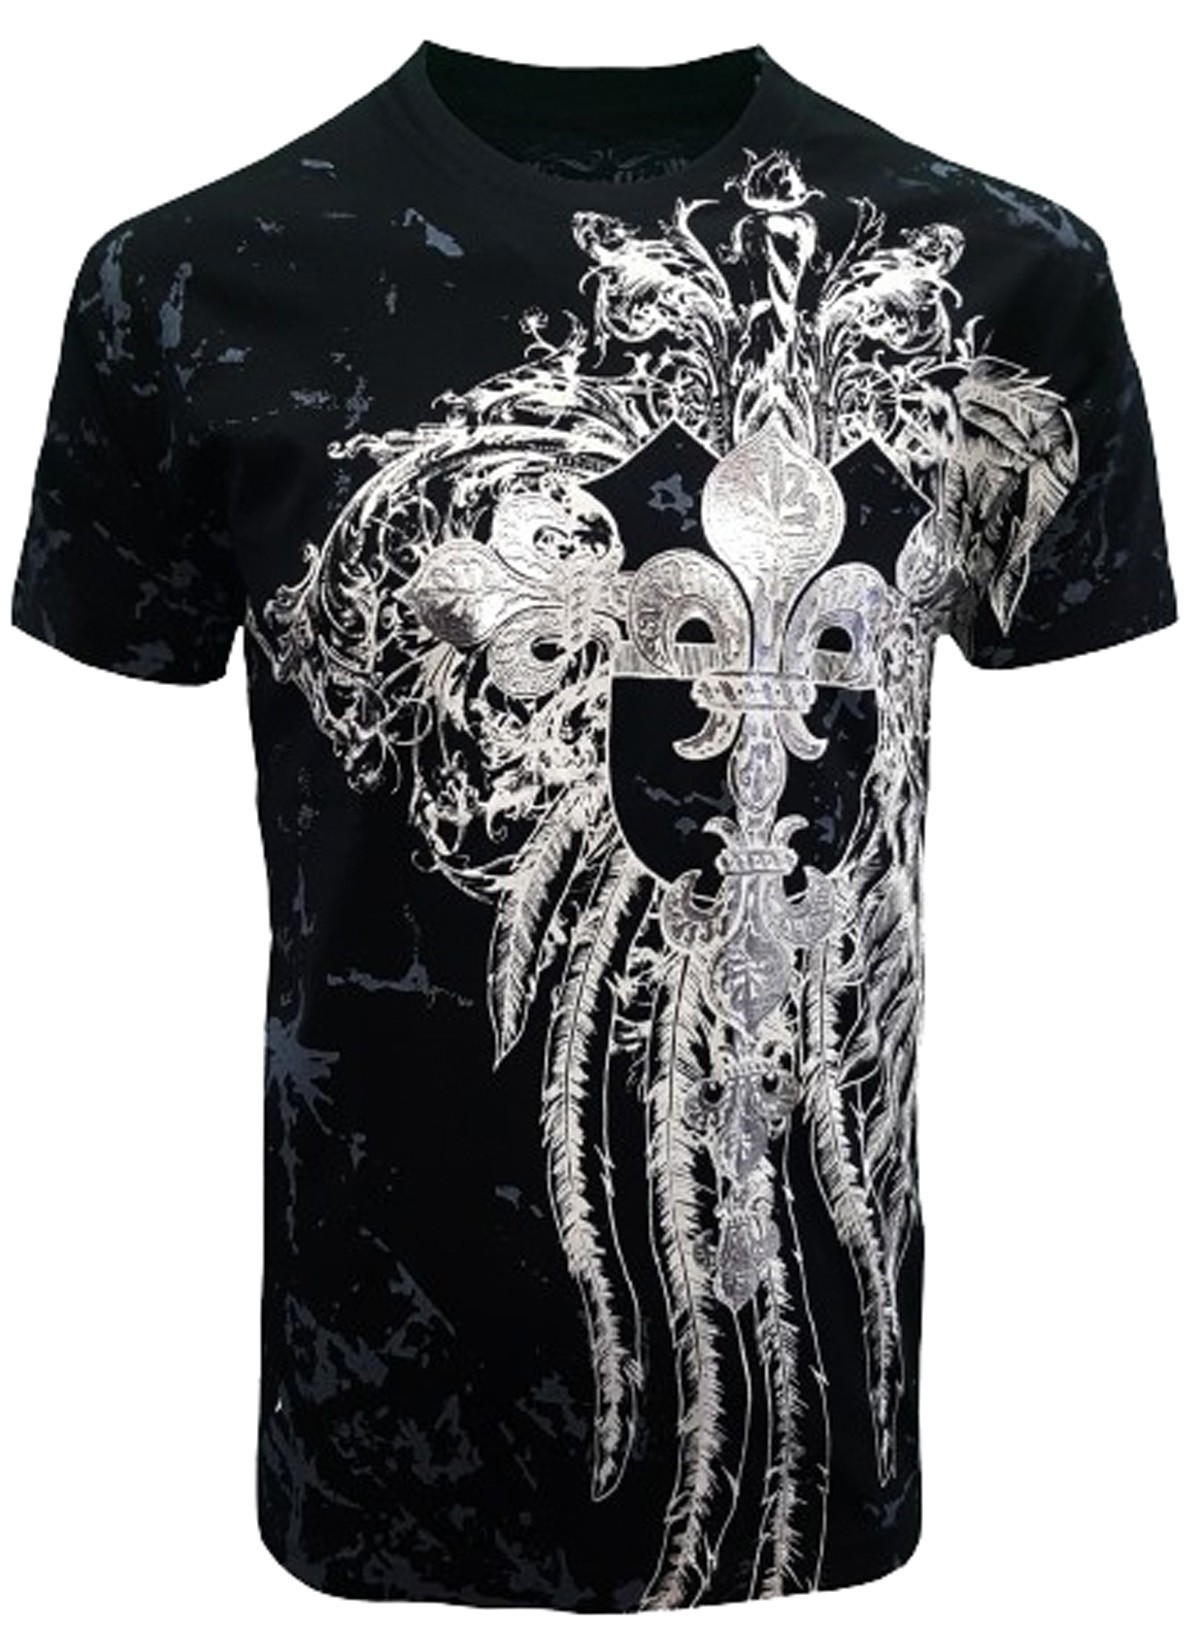 Konflic Clothing - Fleur De Lis T-Shirt